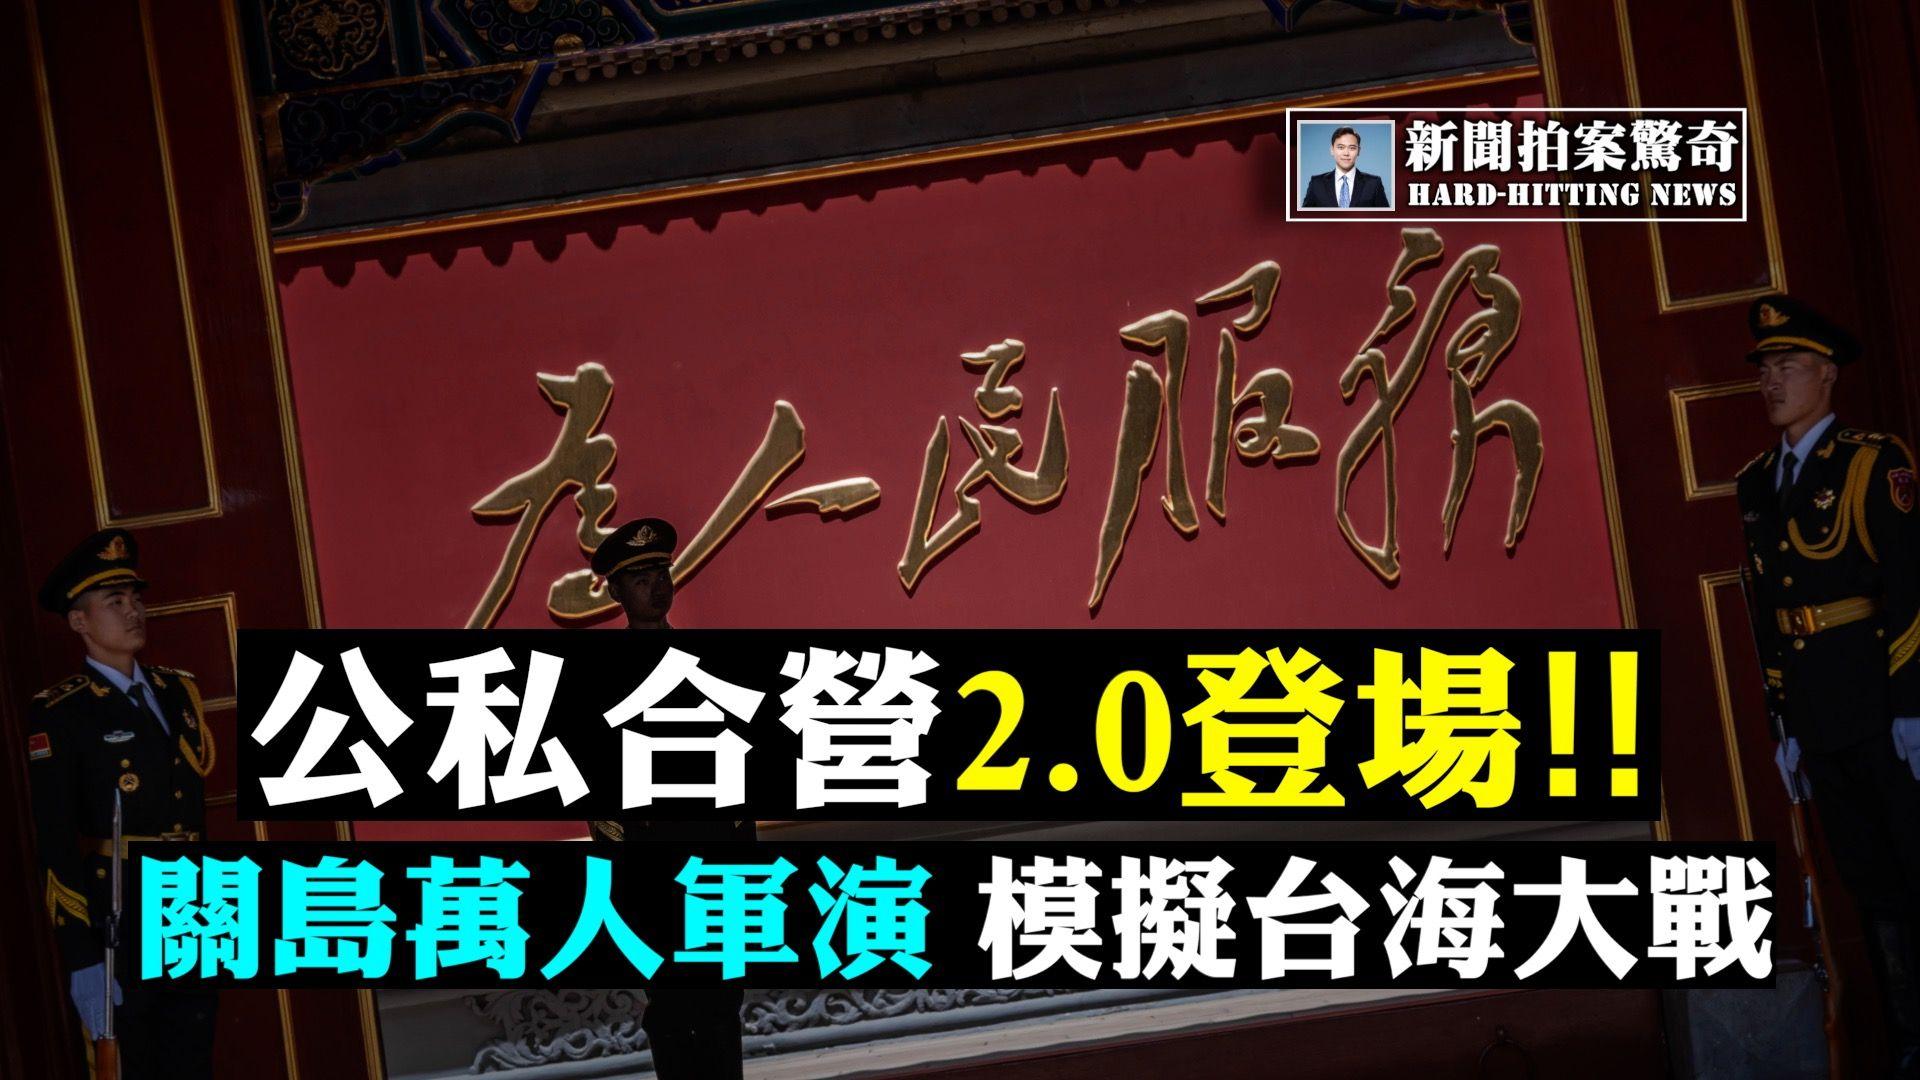 【拍案驚奇】中共令統戰民企 公私合營2.0登場?|大紀元時報 香港|獨立敢言的良心媒體